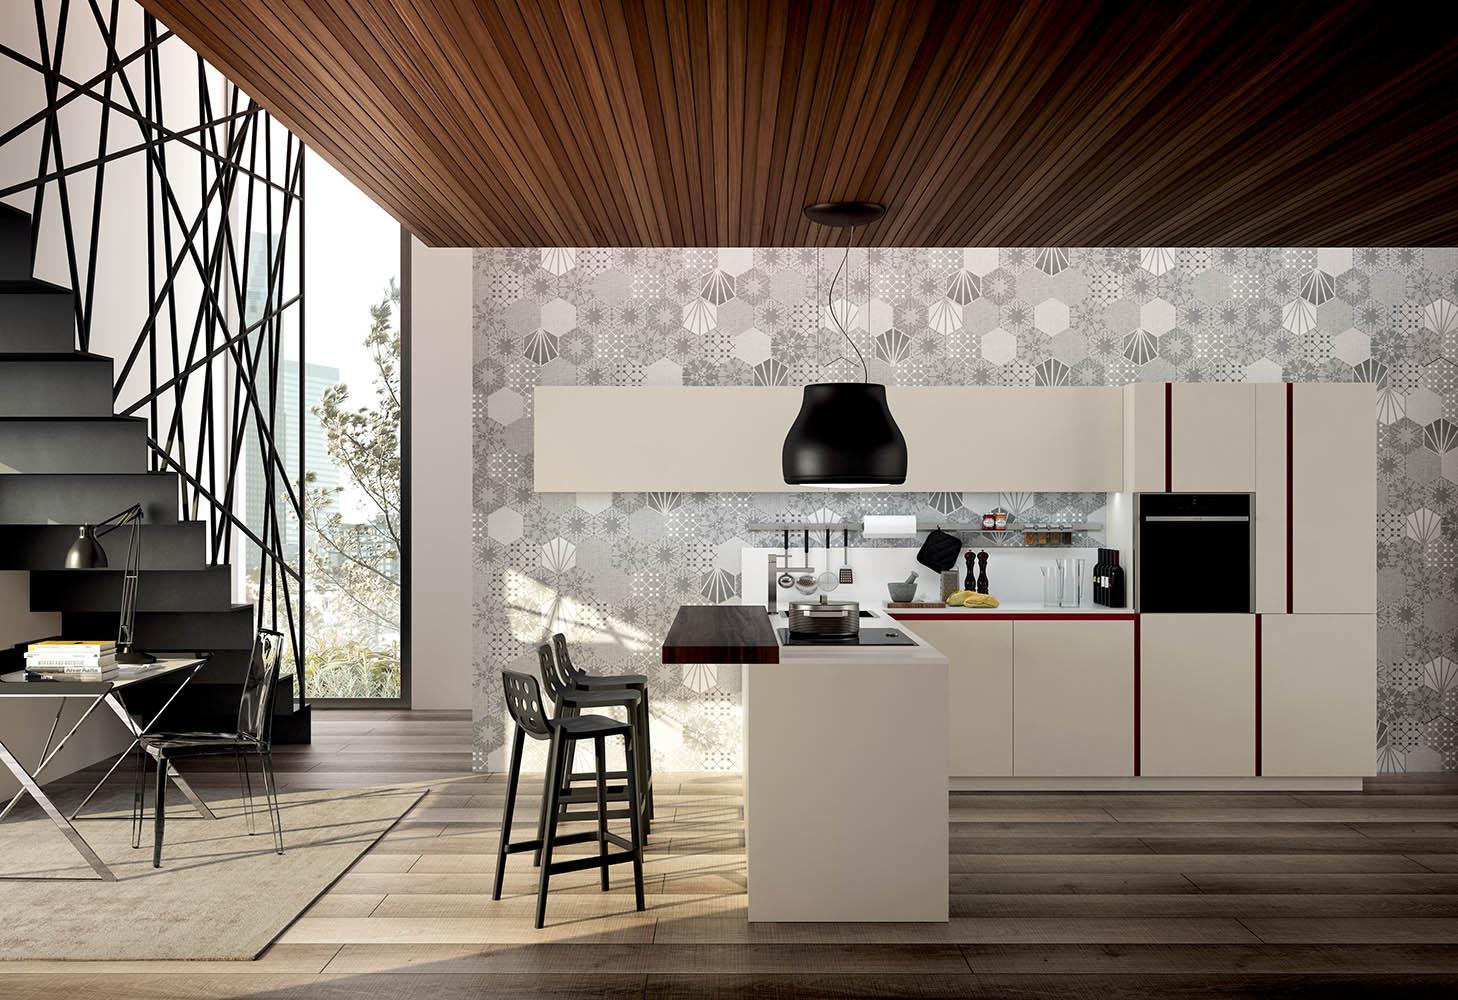 Cucine Componibili Con Angolo cucine componibili: scegli lo stile moderno per la tua